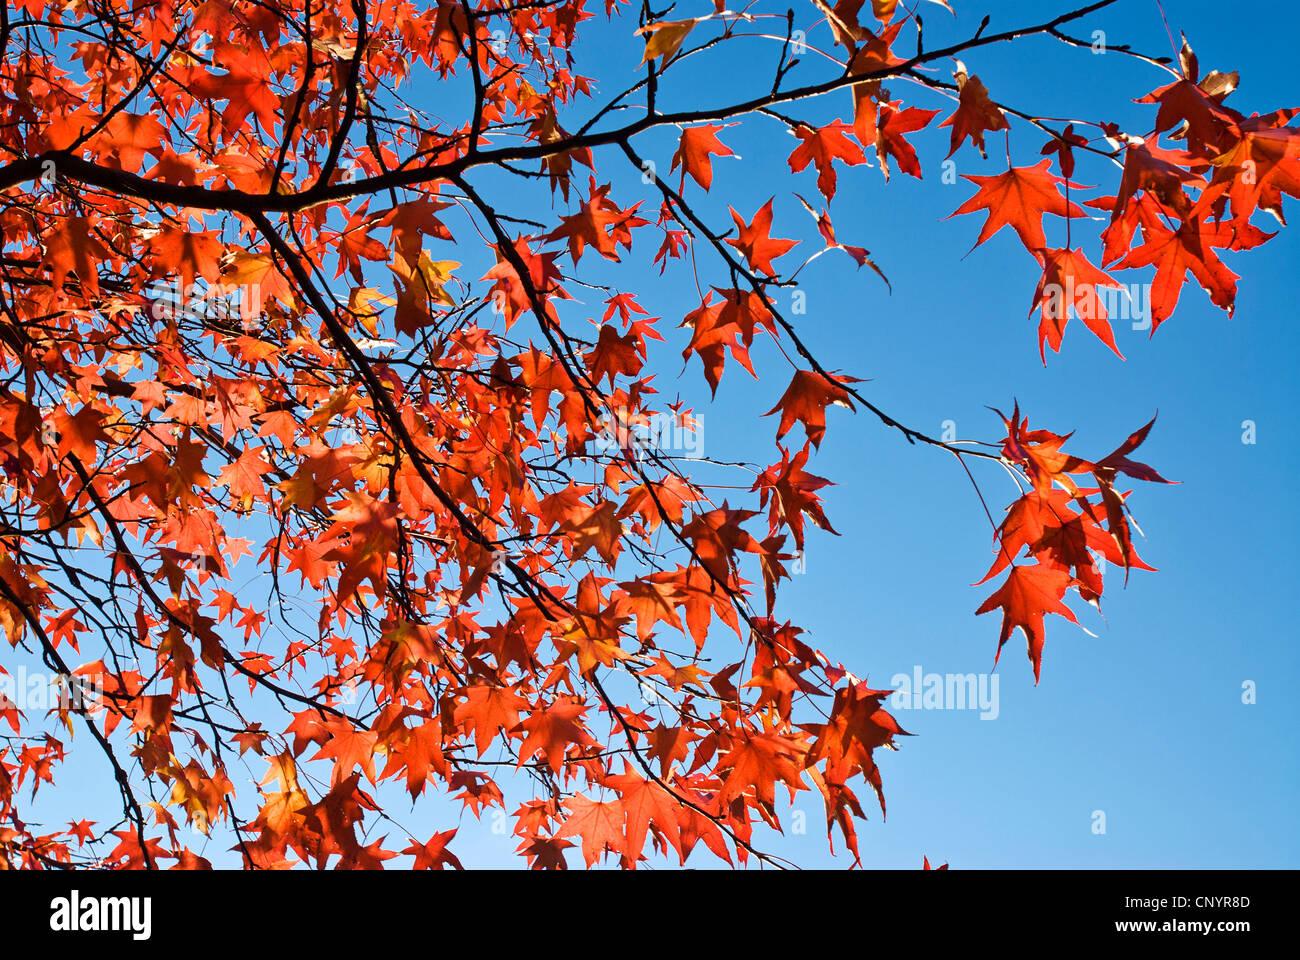 Rotes Laub im Herbst mit blauem Himmelshintergrund. Stockbild